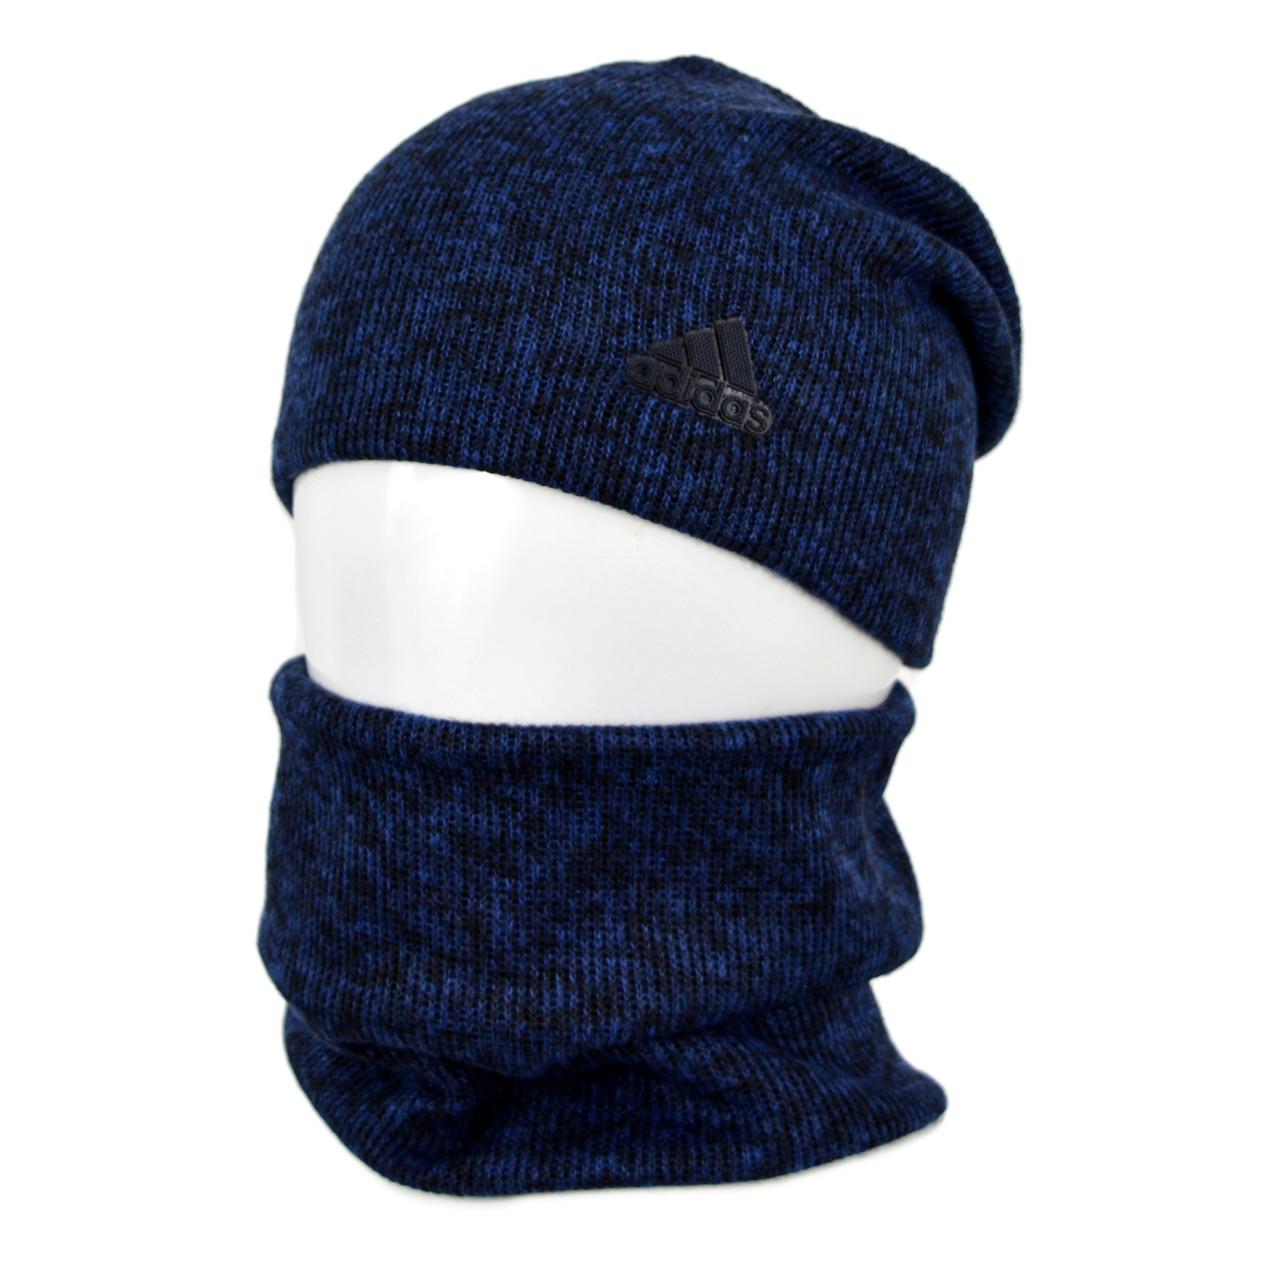 Комплект шапка+баф adidas SP1901 синий